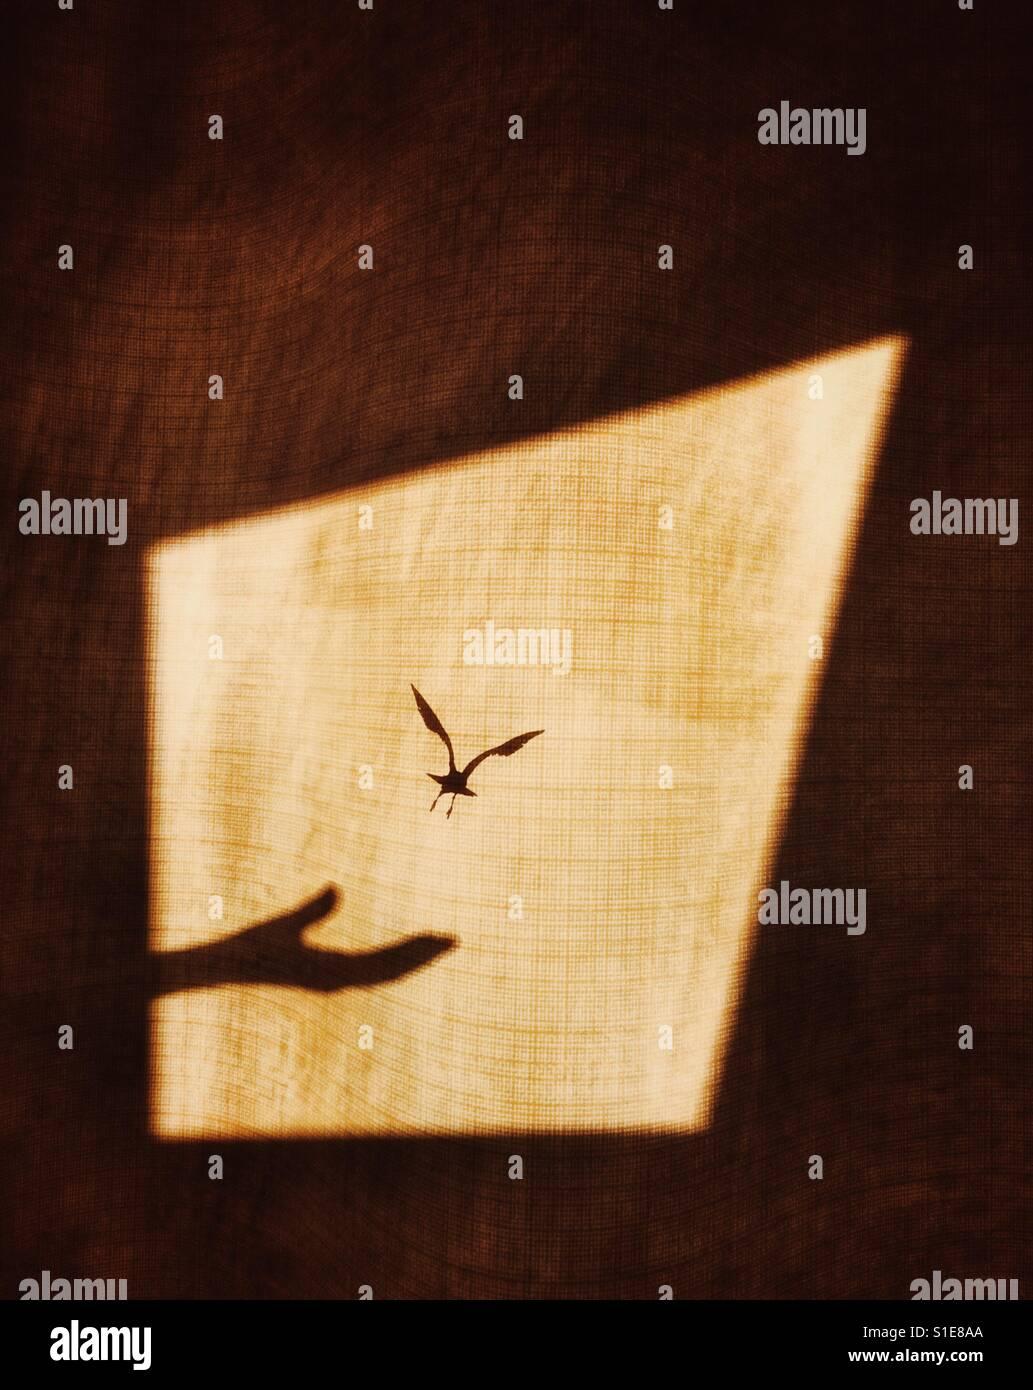 Sombra de mano la realización de pájaro en una cortina de la ventana para mostrar el concepto de vuelo Imagen De Stock